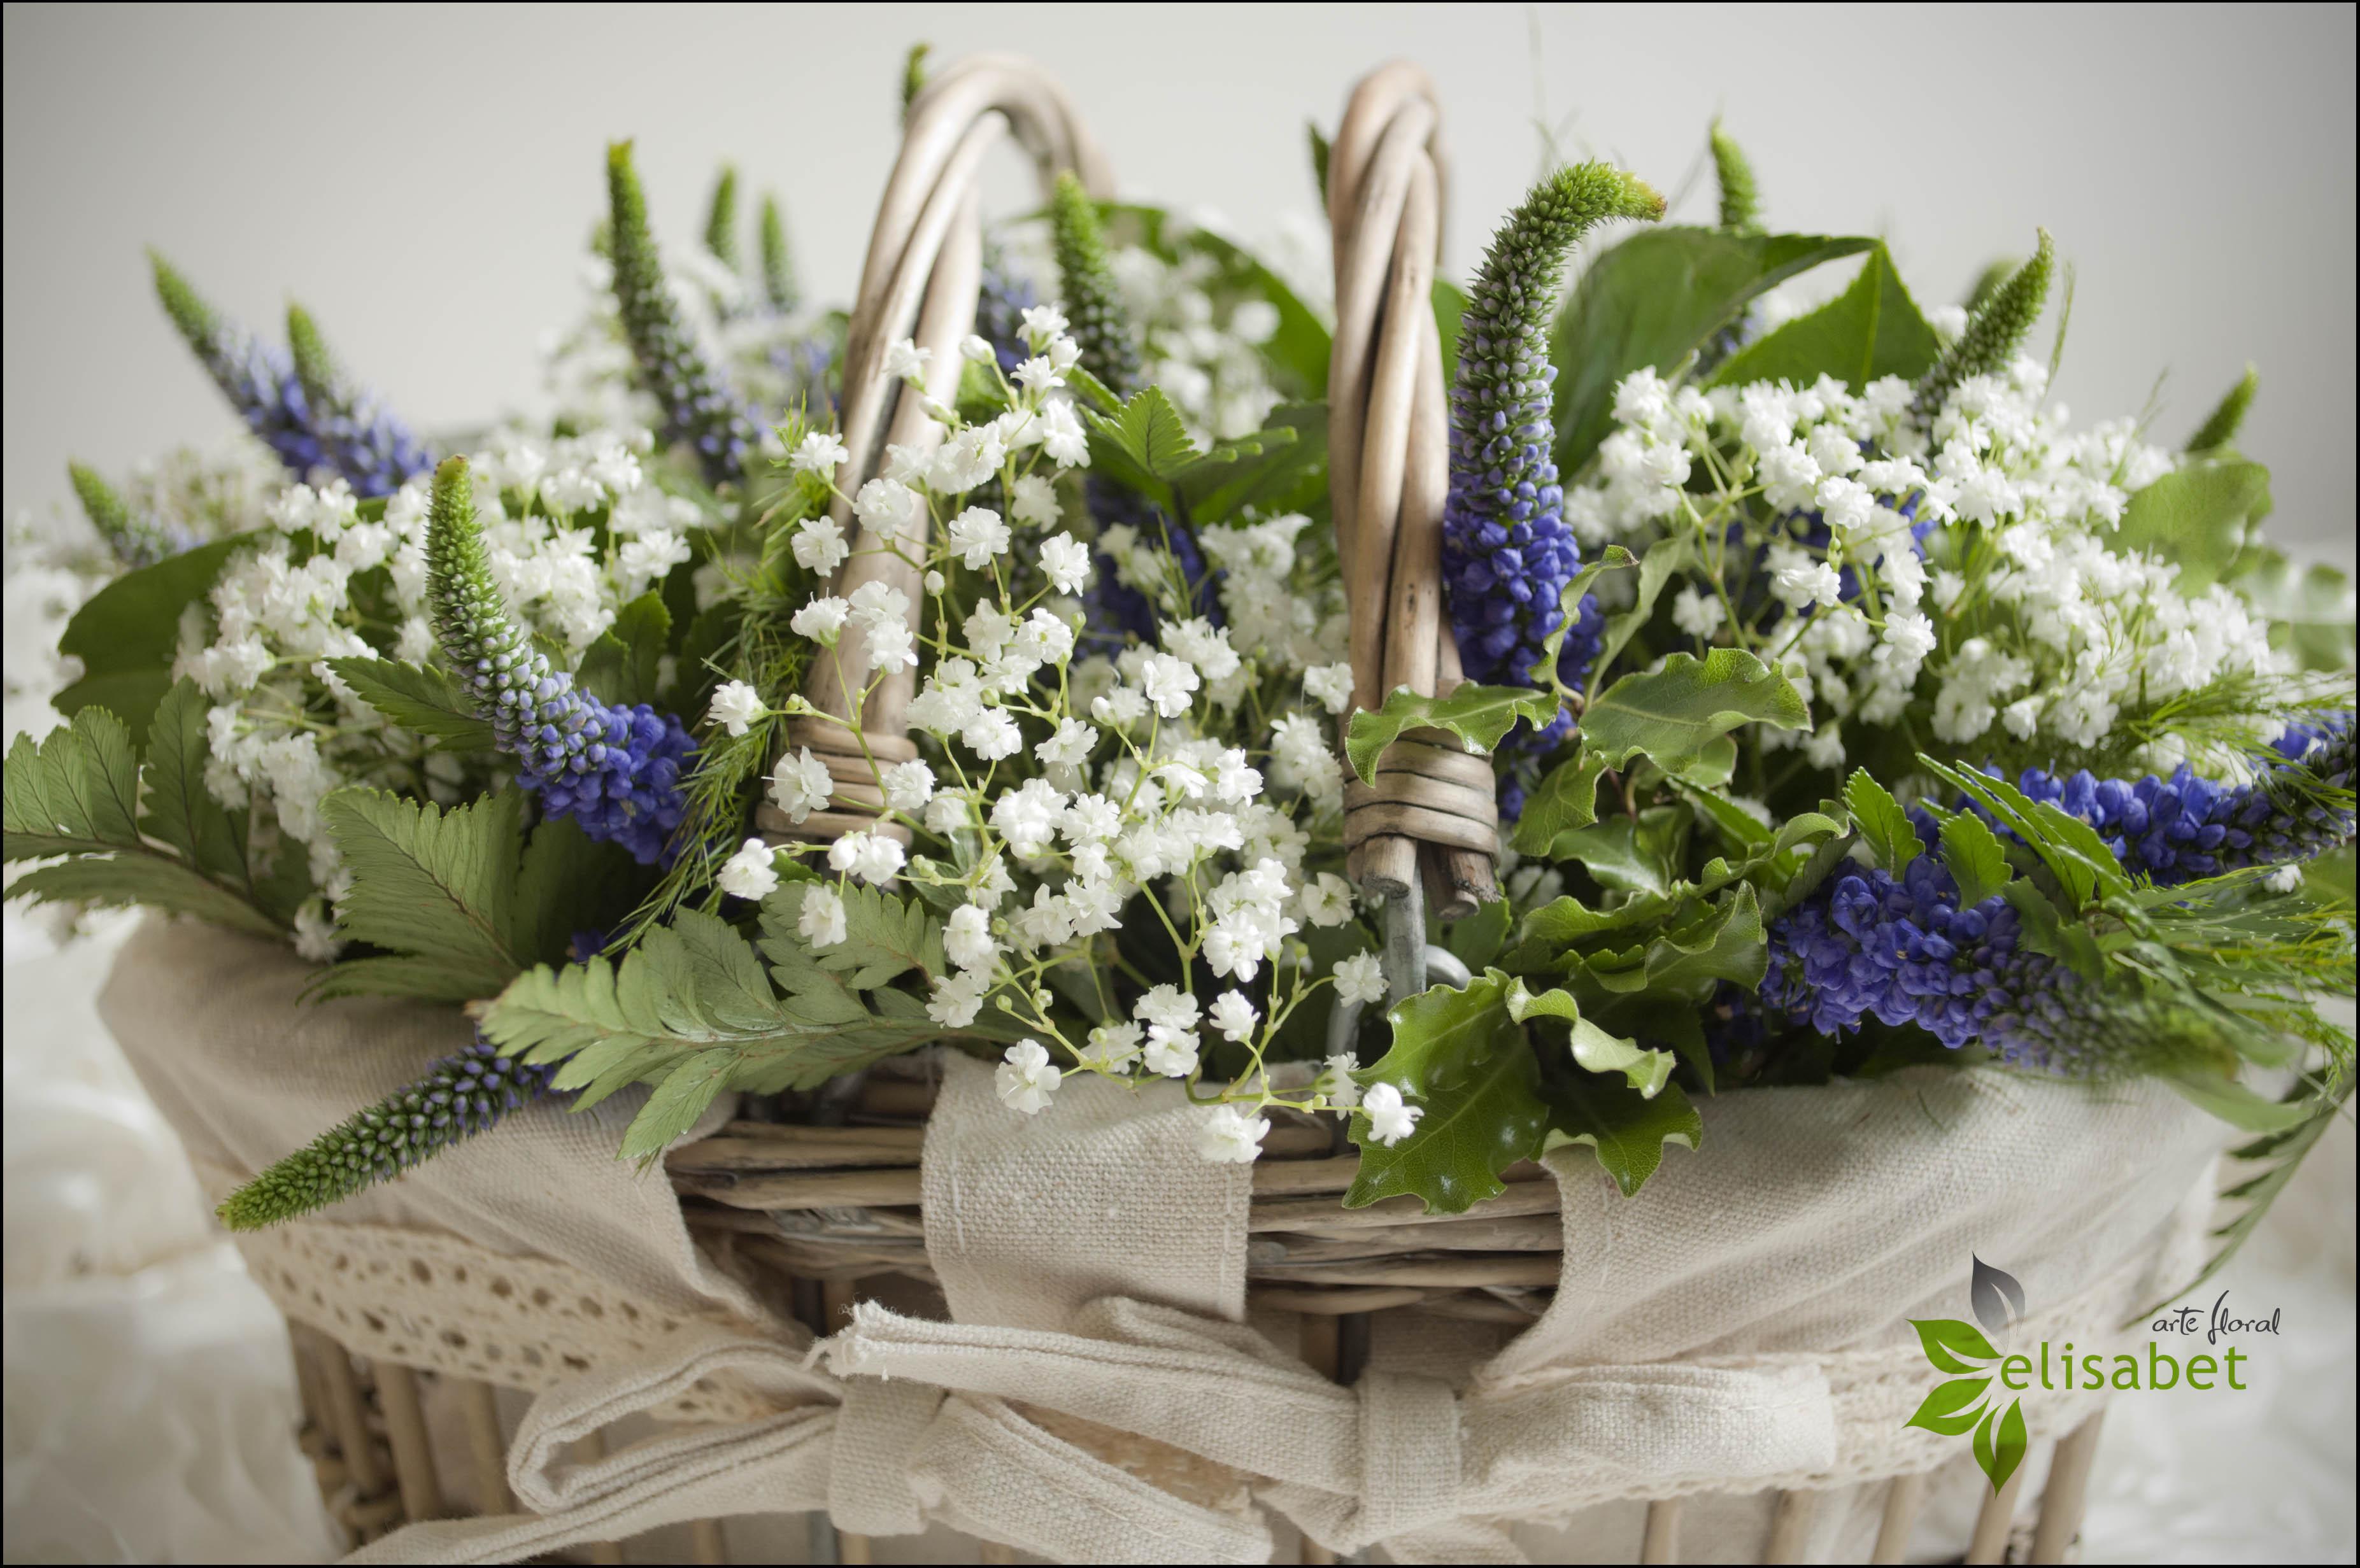 Cesta de flores silvestres detalle elisabet arte floral blog - Decoracion de cestas ...